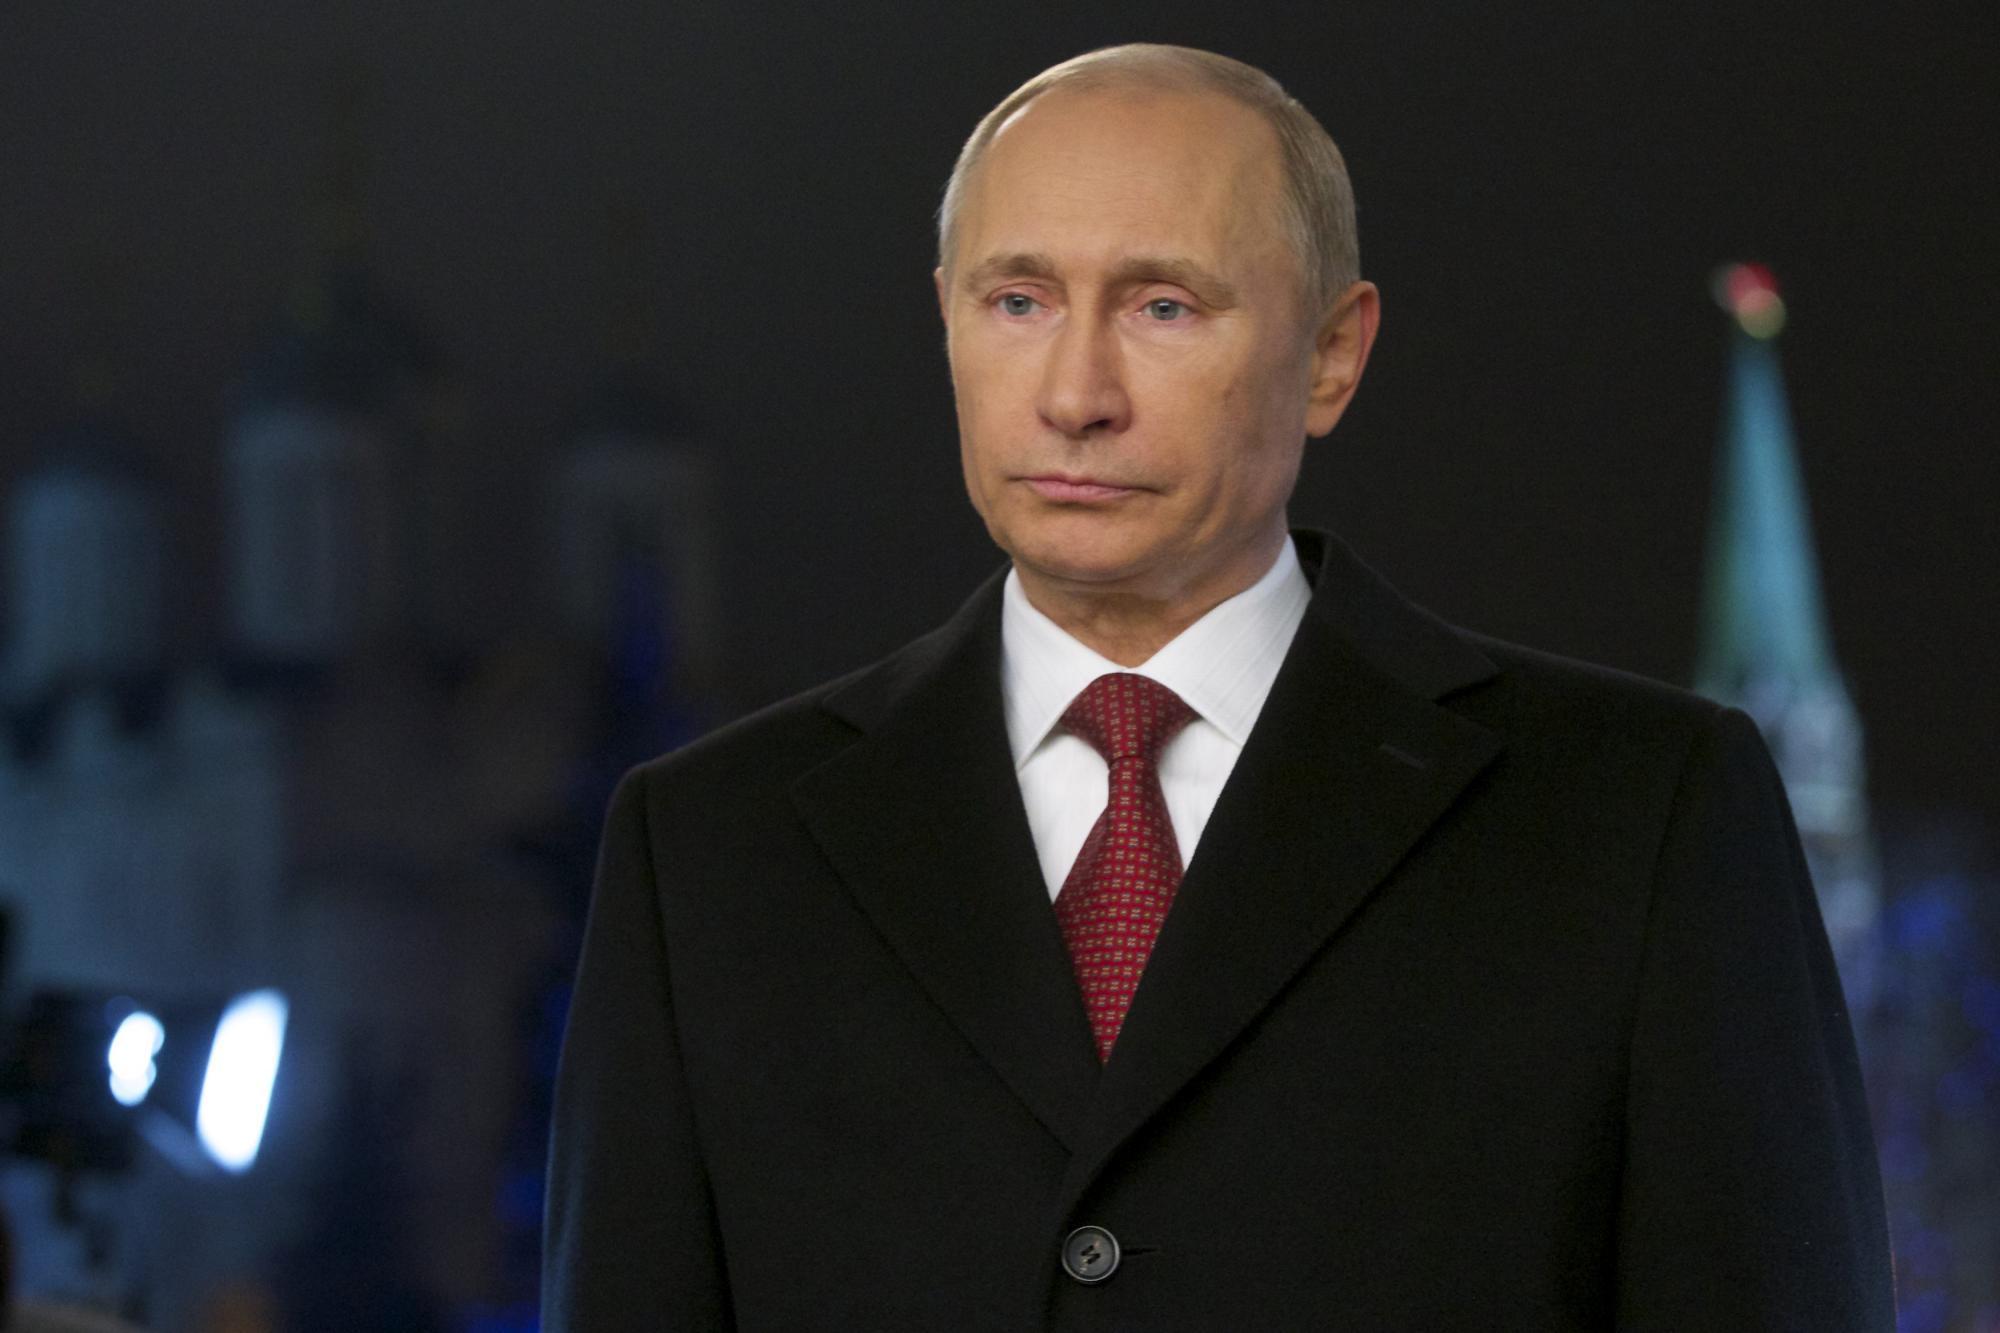 拜登上臺第四天,普京就被逼宮!俄羅斯爆發混亂,中方已明確表態-圖4